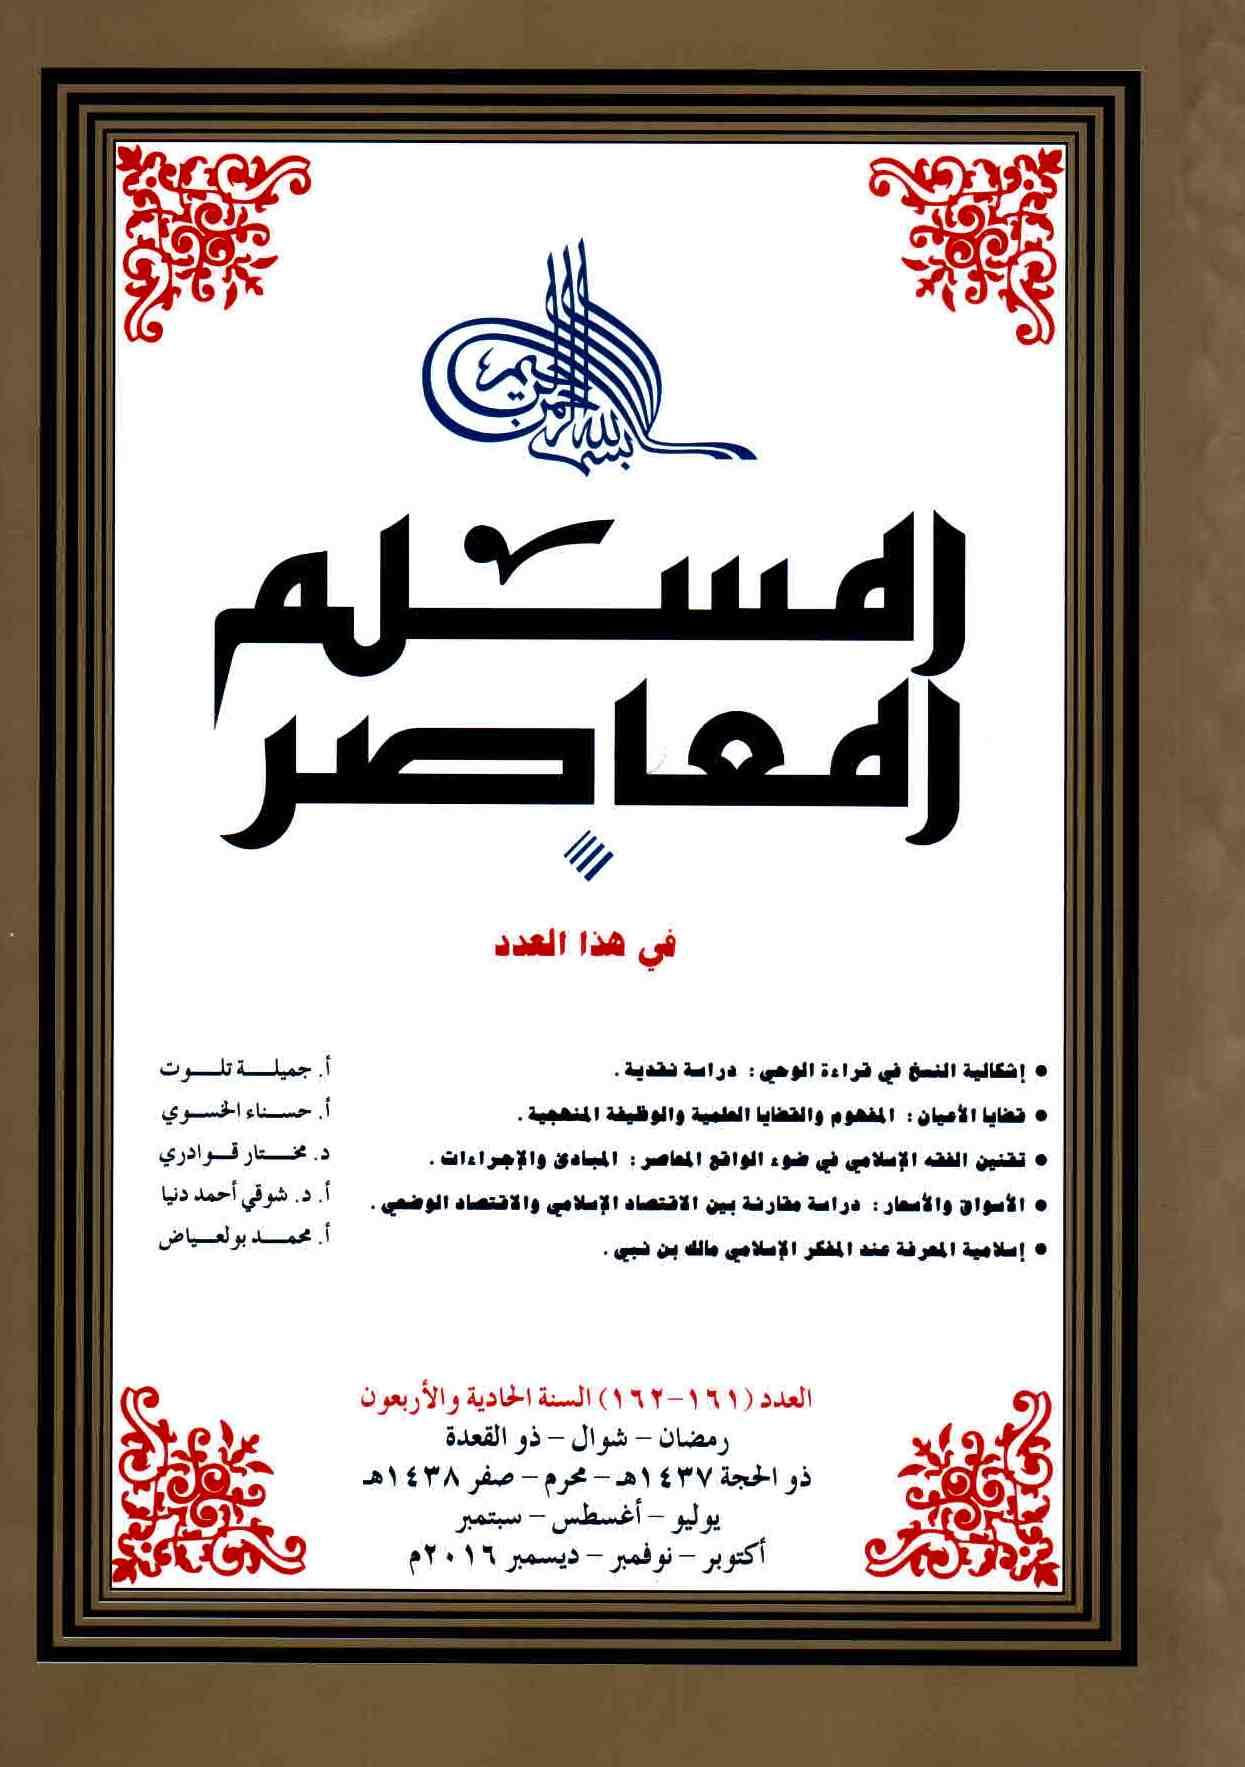 غلاف العدد 161- 162 مجلة المسلم المعاصر